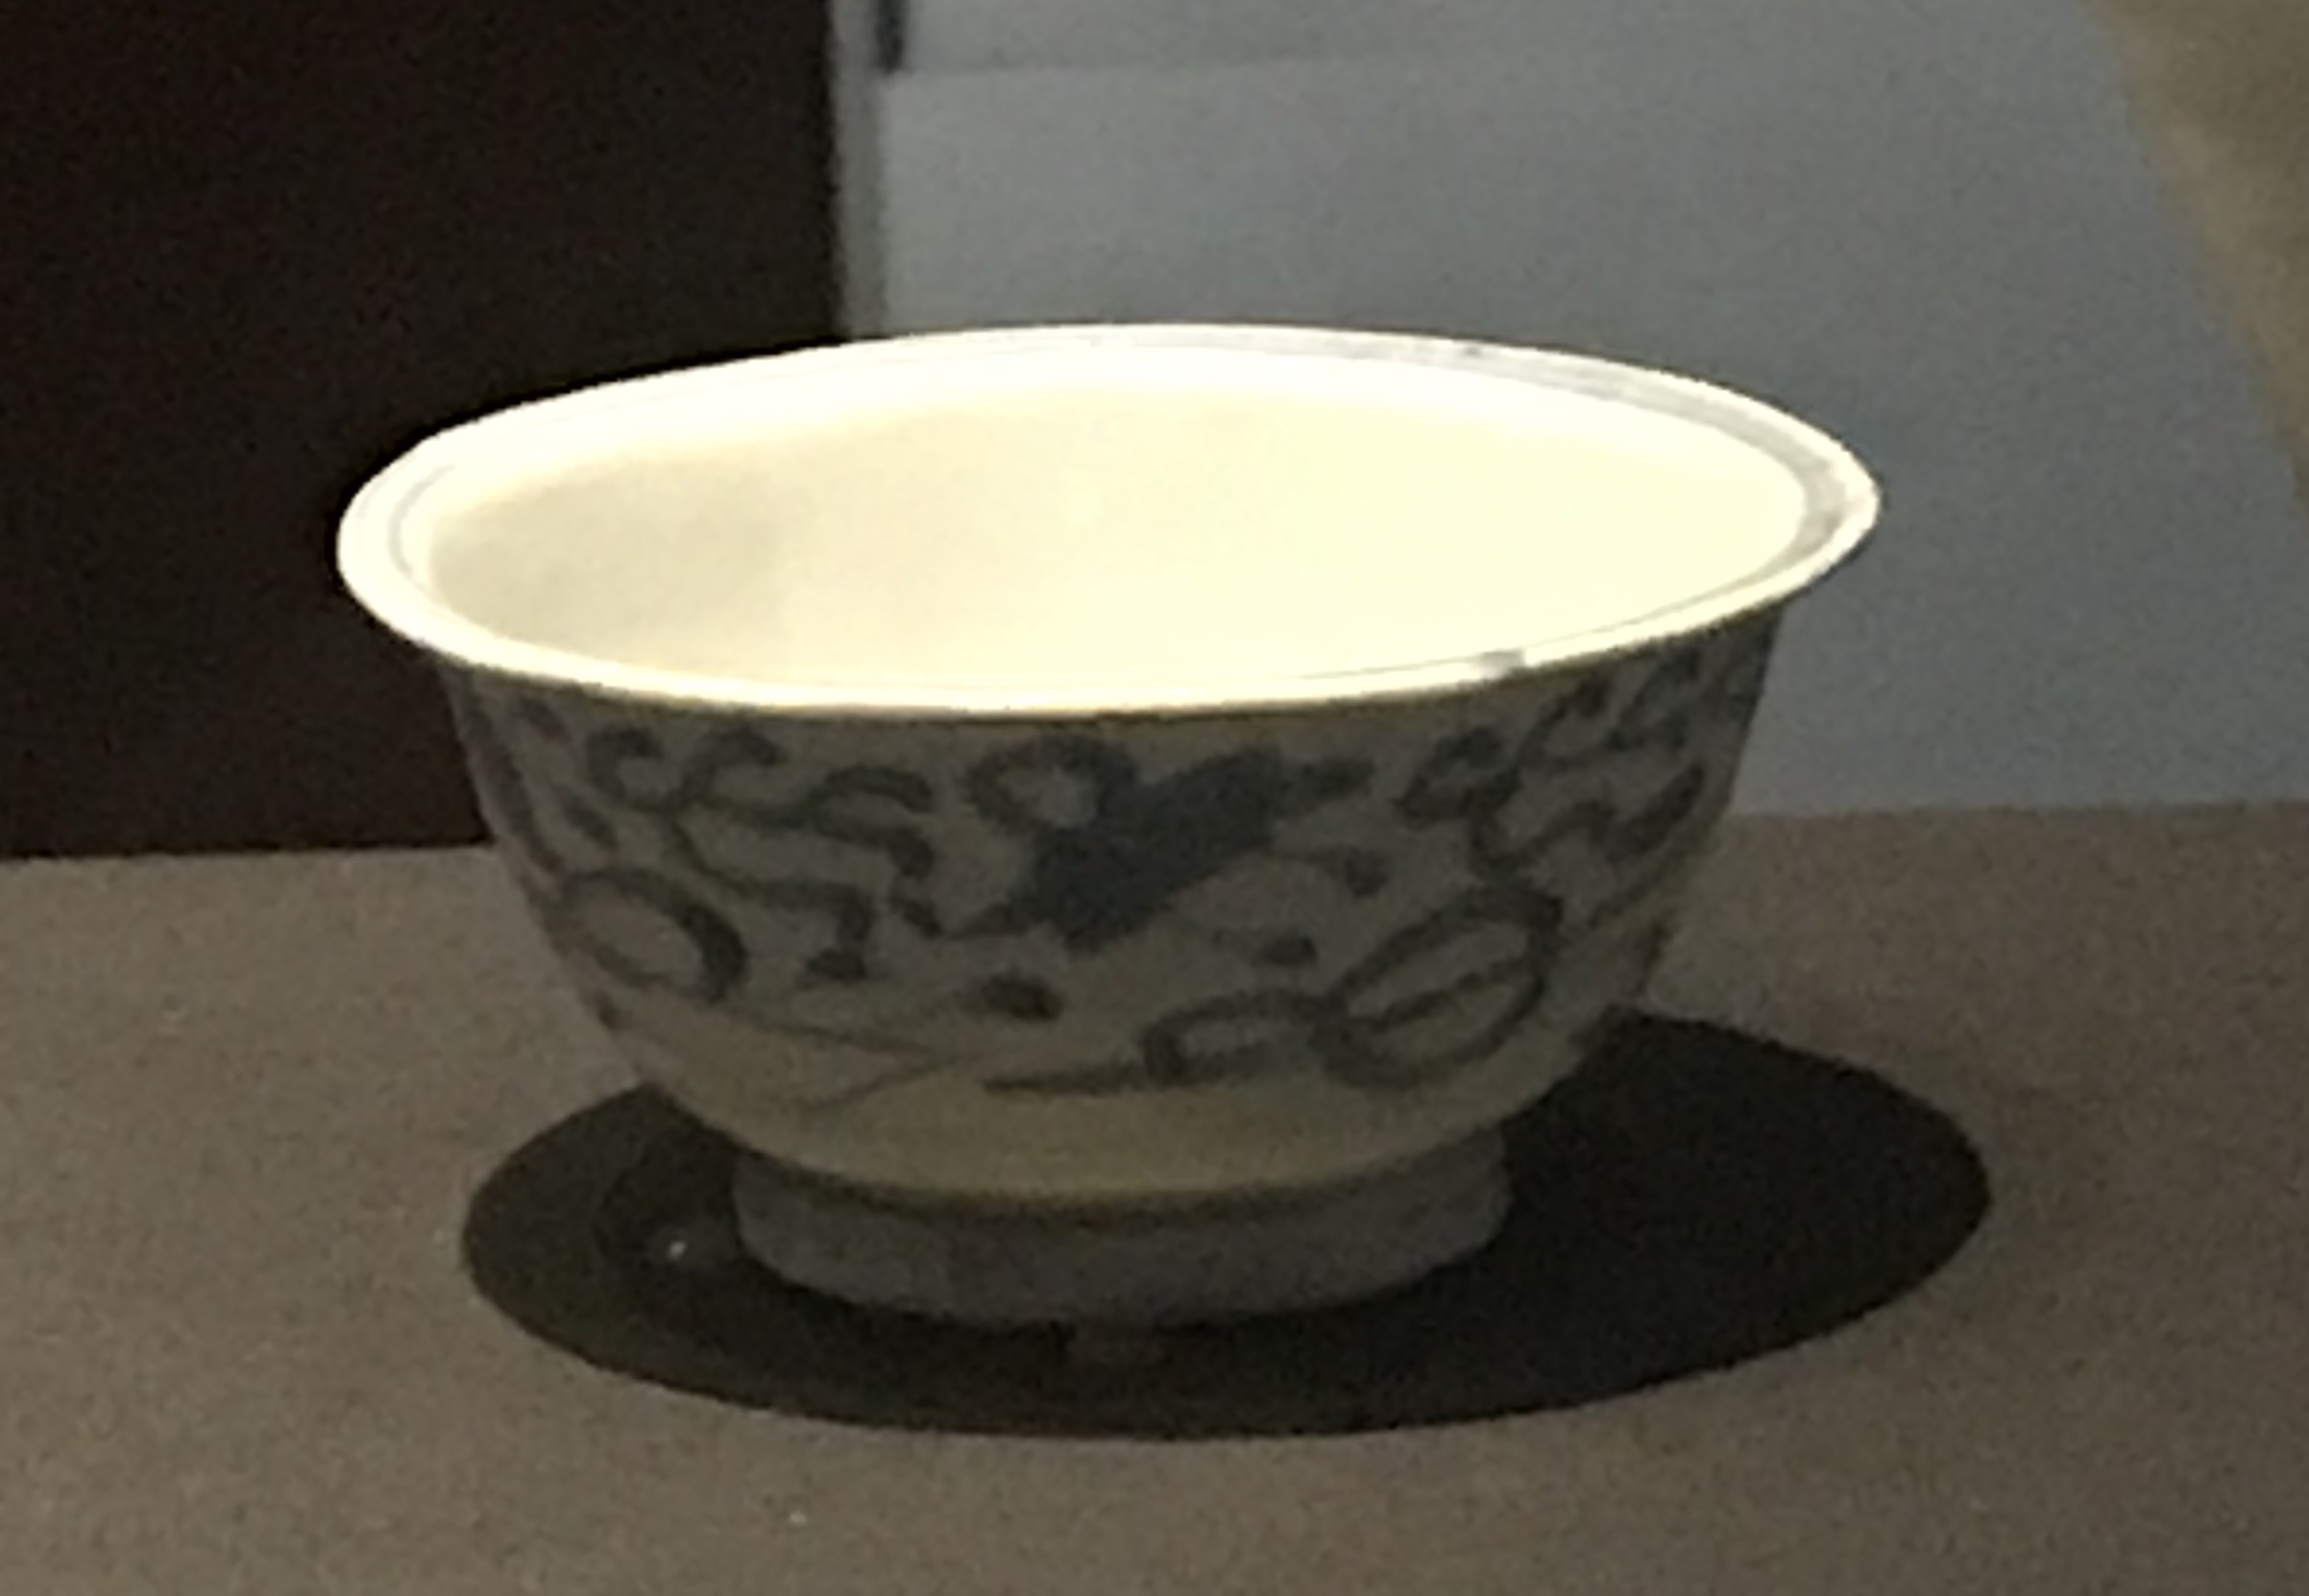 青花雑宝紋磁碗-明清時代-常設展F3-成都博物館